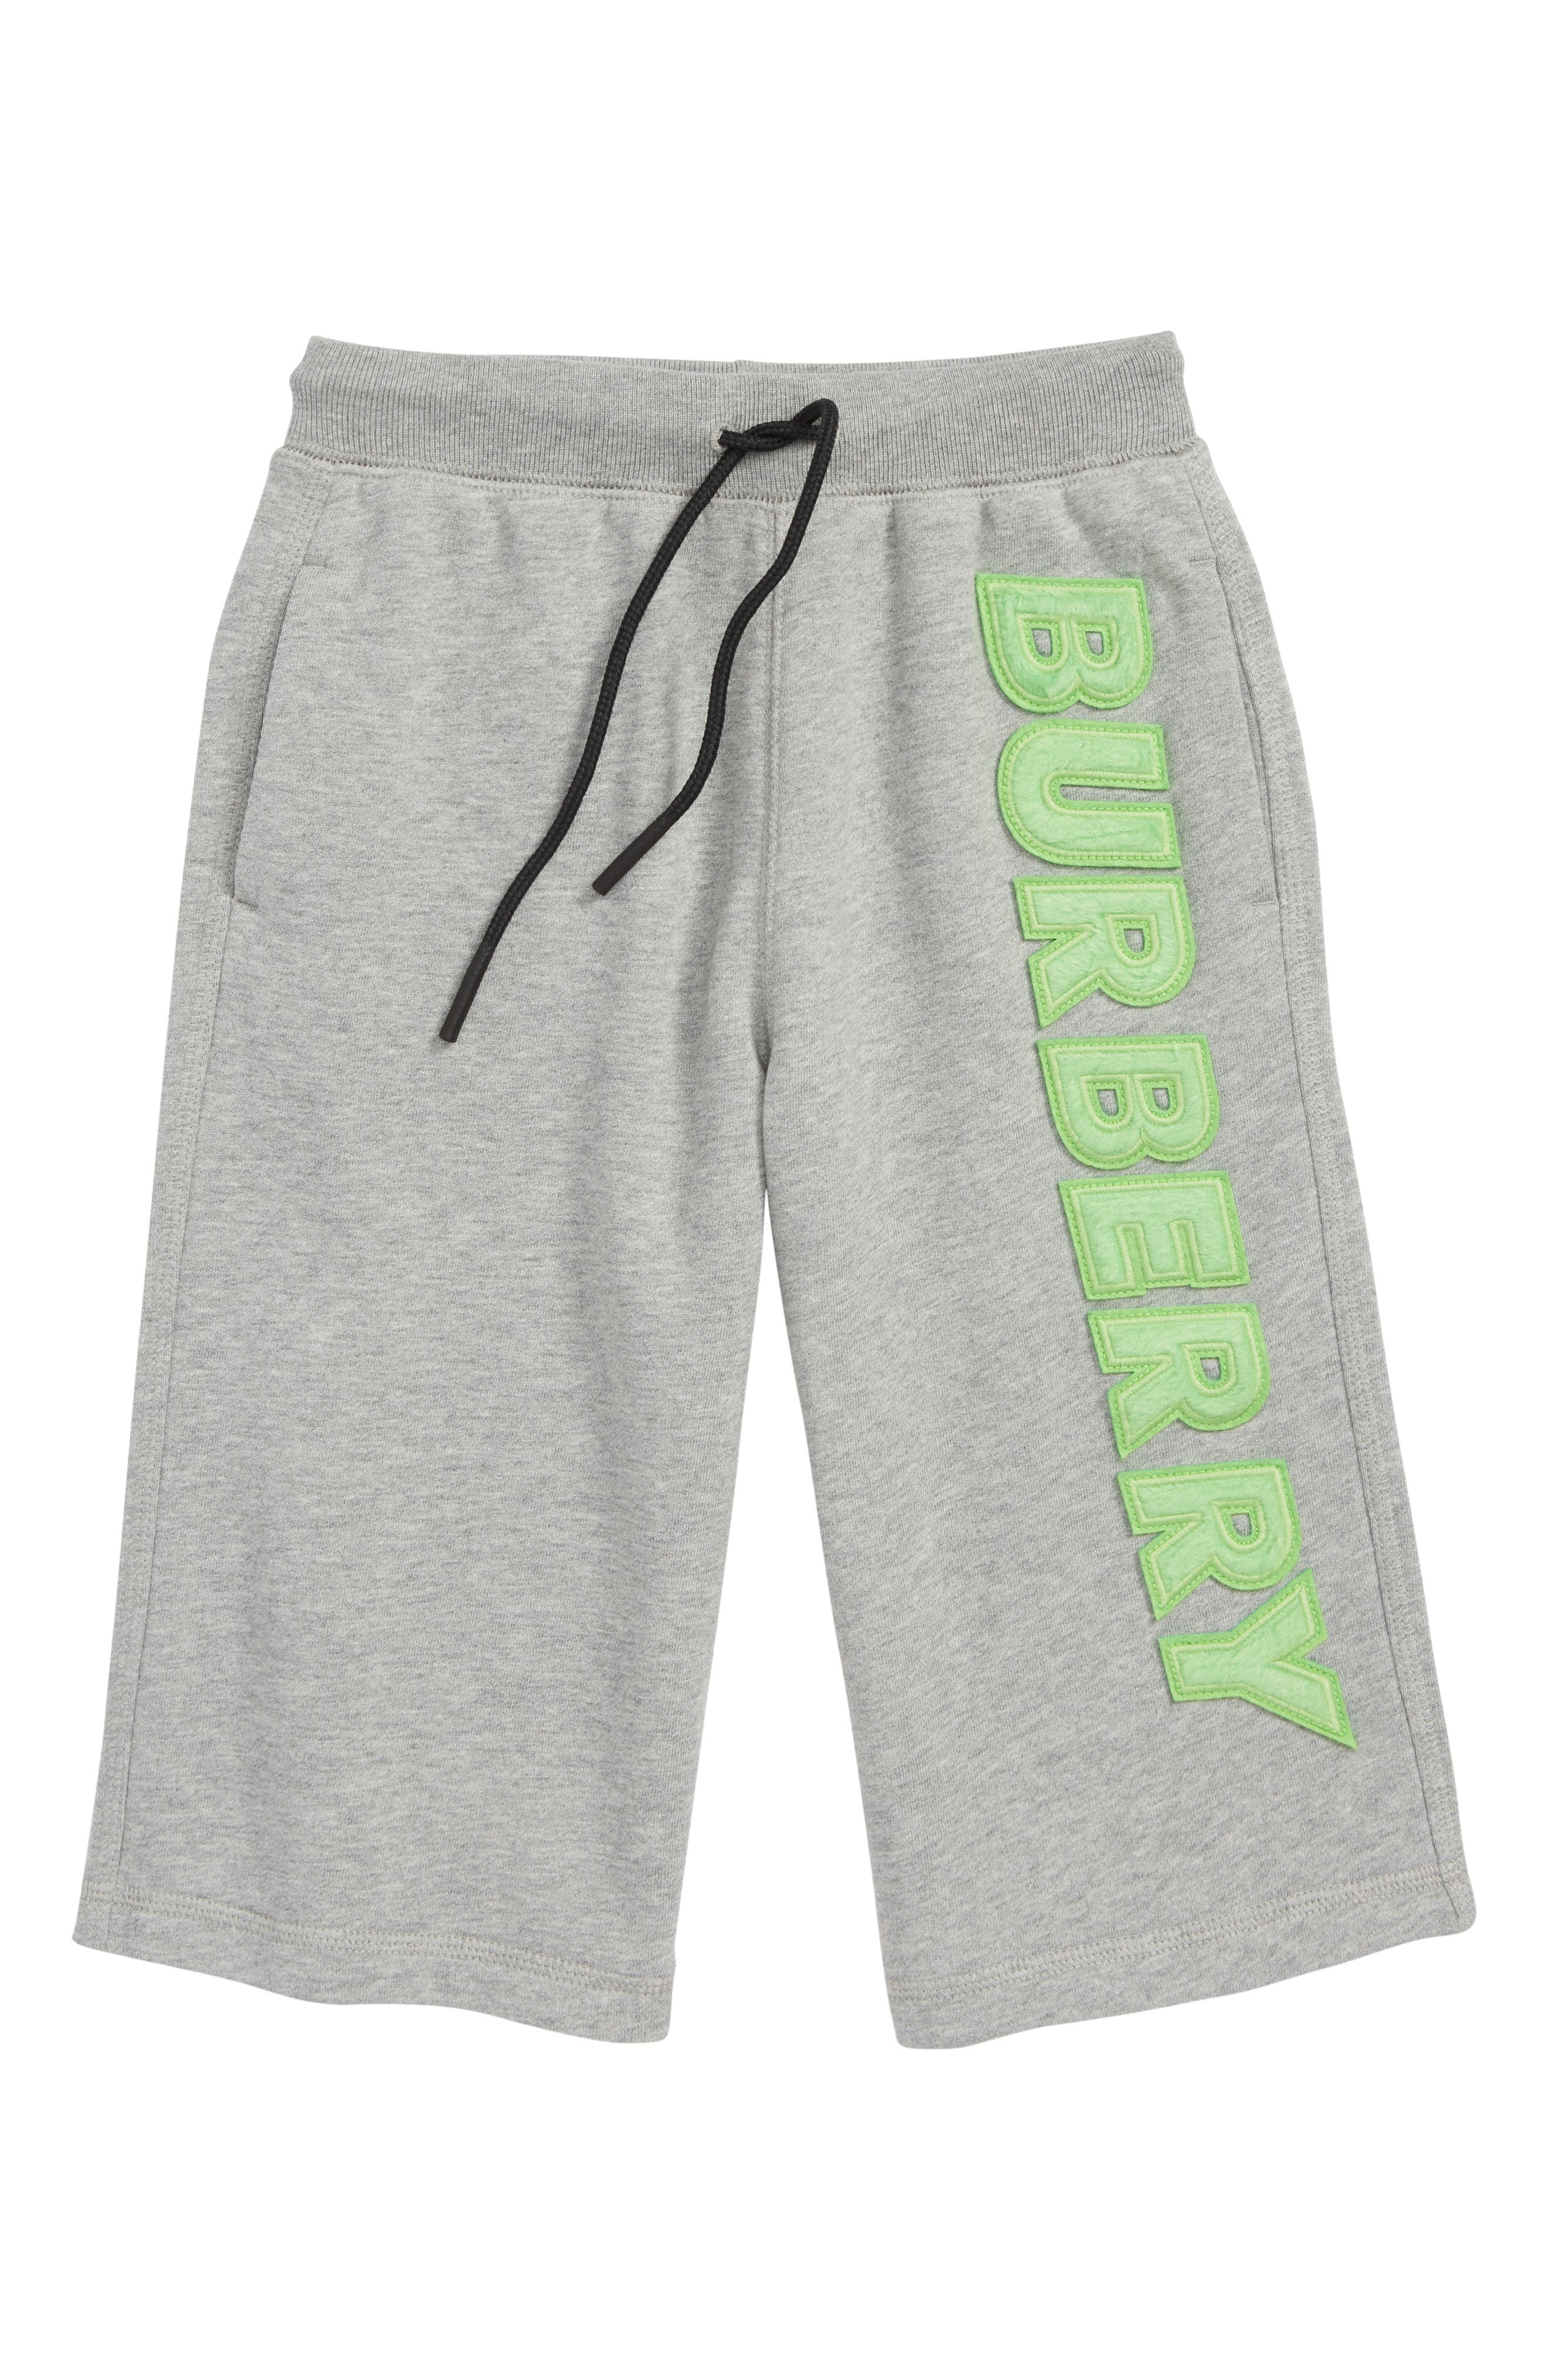 Knit Shorts,                             Main thumbnail 1, color,                             GREY MELANGE